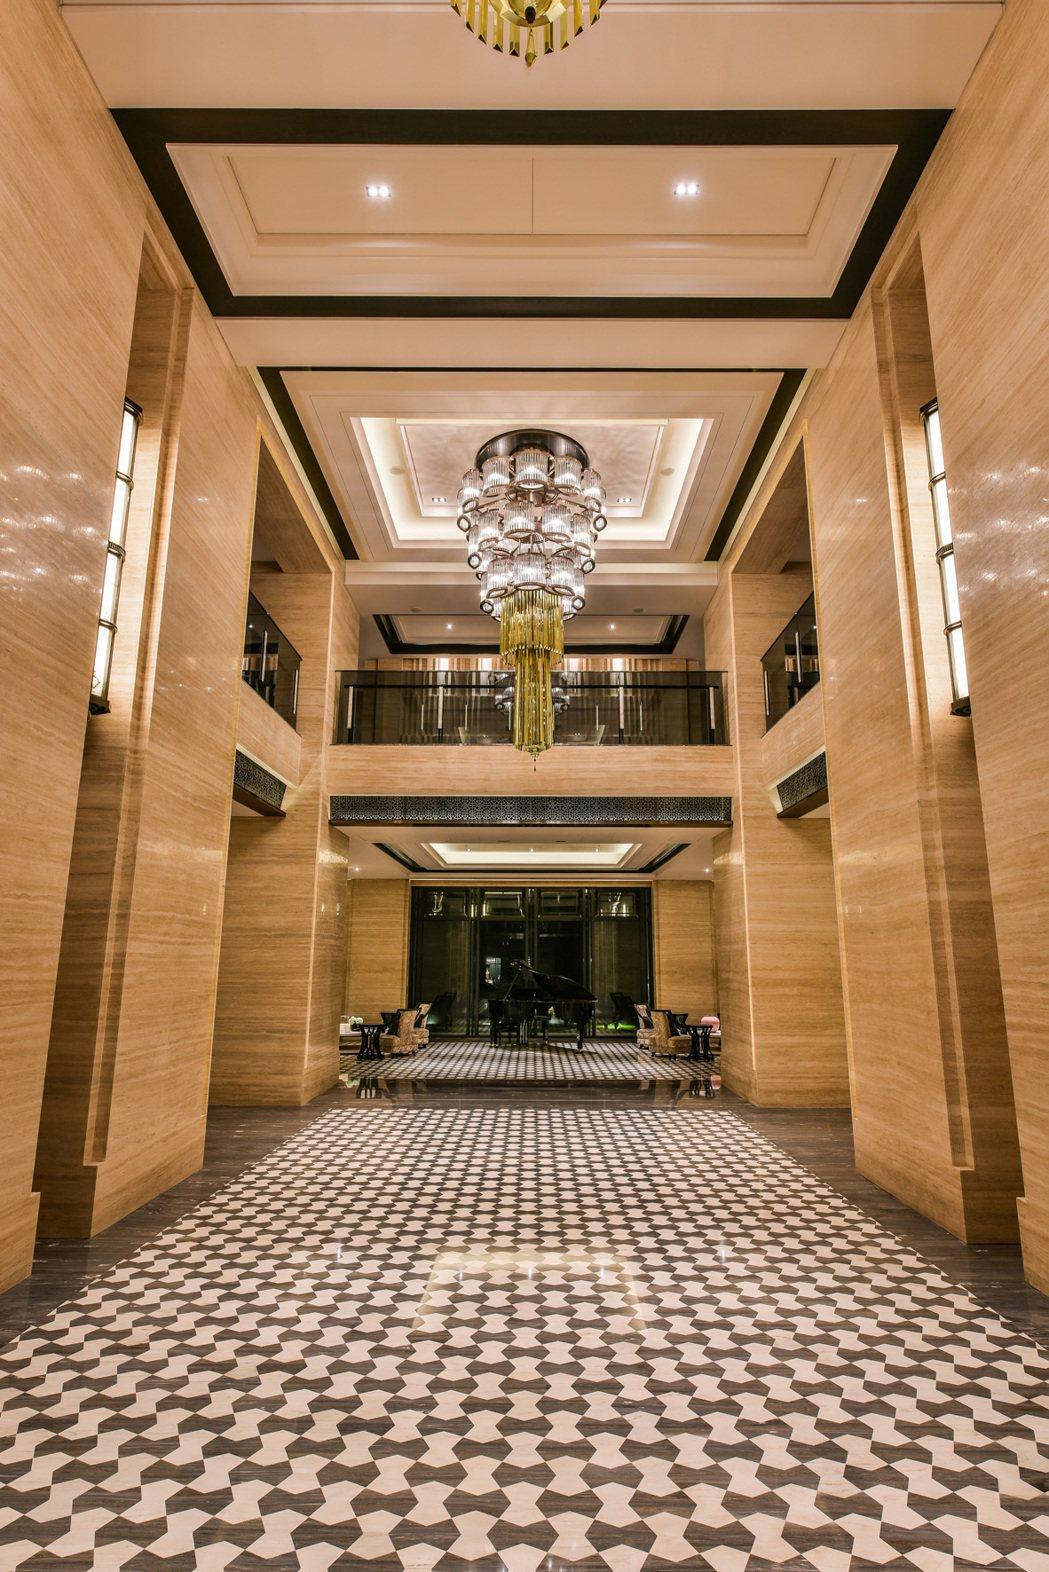 「皇苑世紀館」大廳展現豪宅既奢華又沈穩氣勢。 圖片提供/皇苑建設